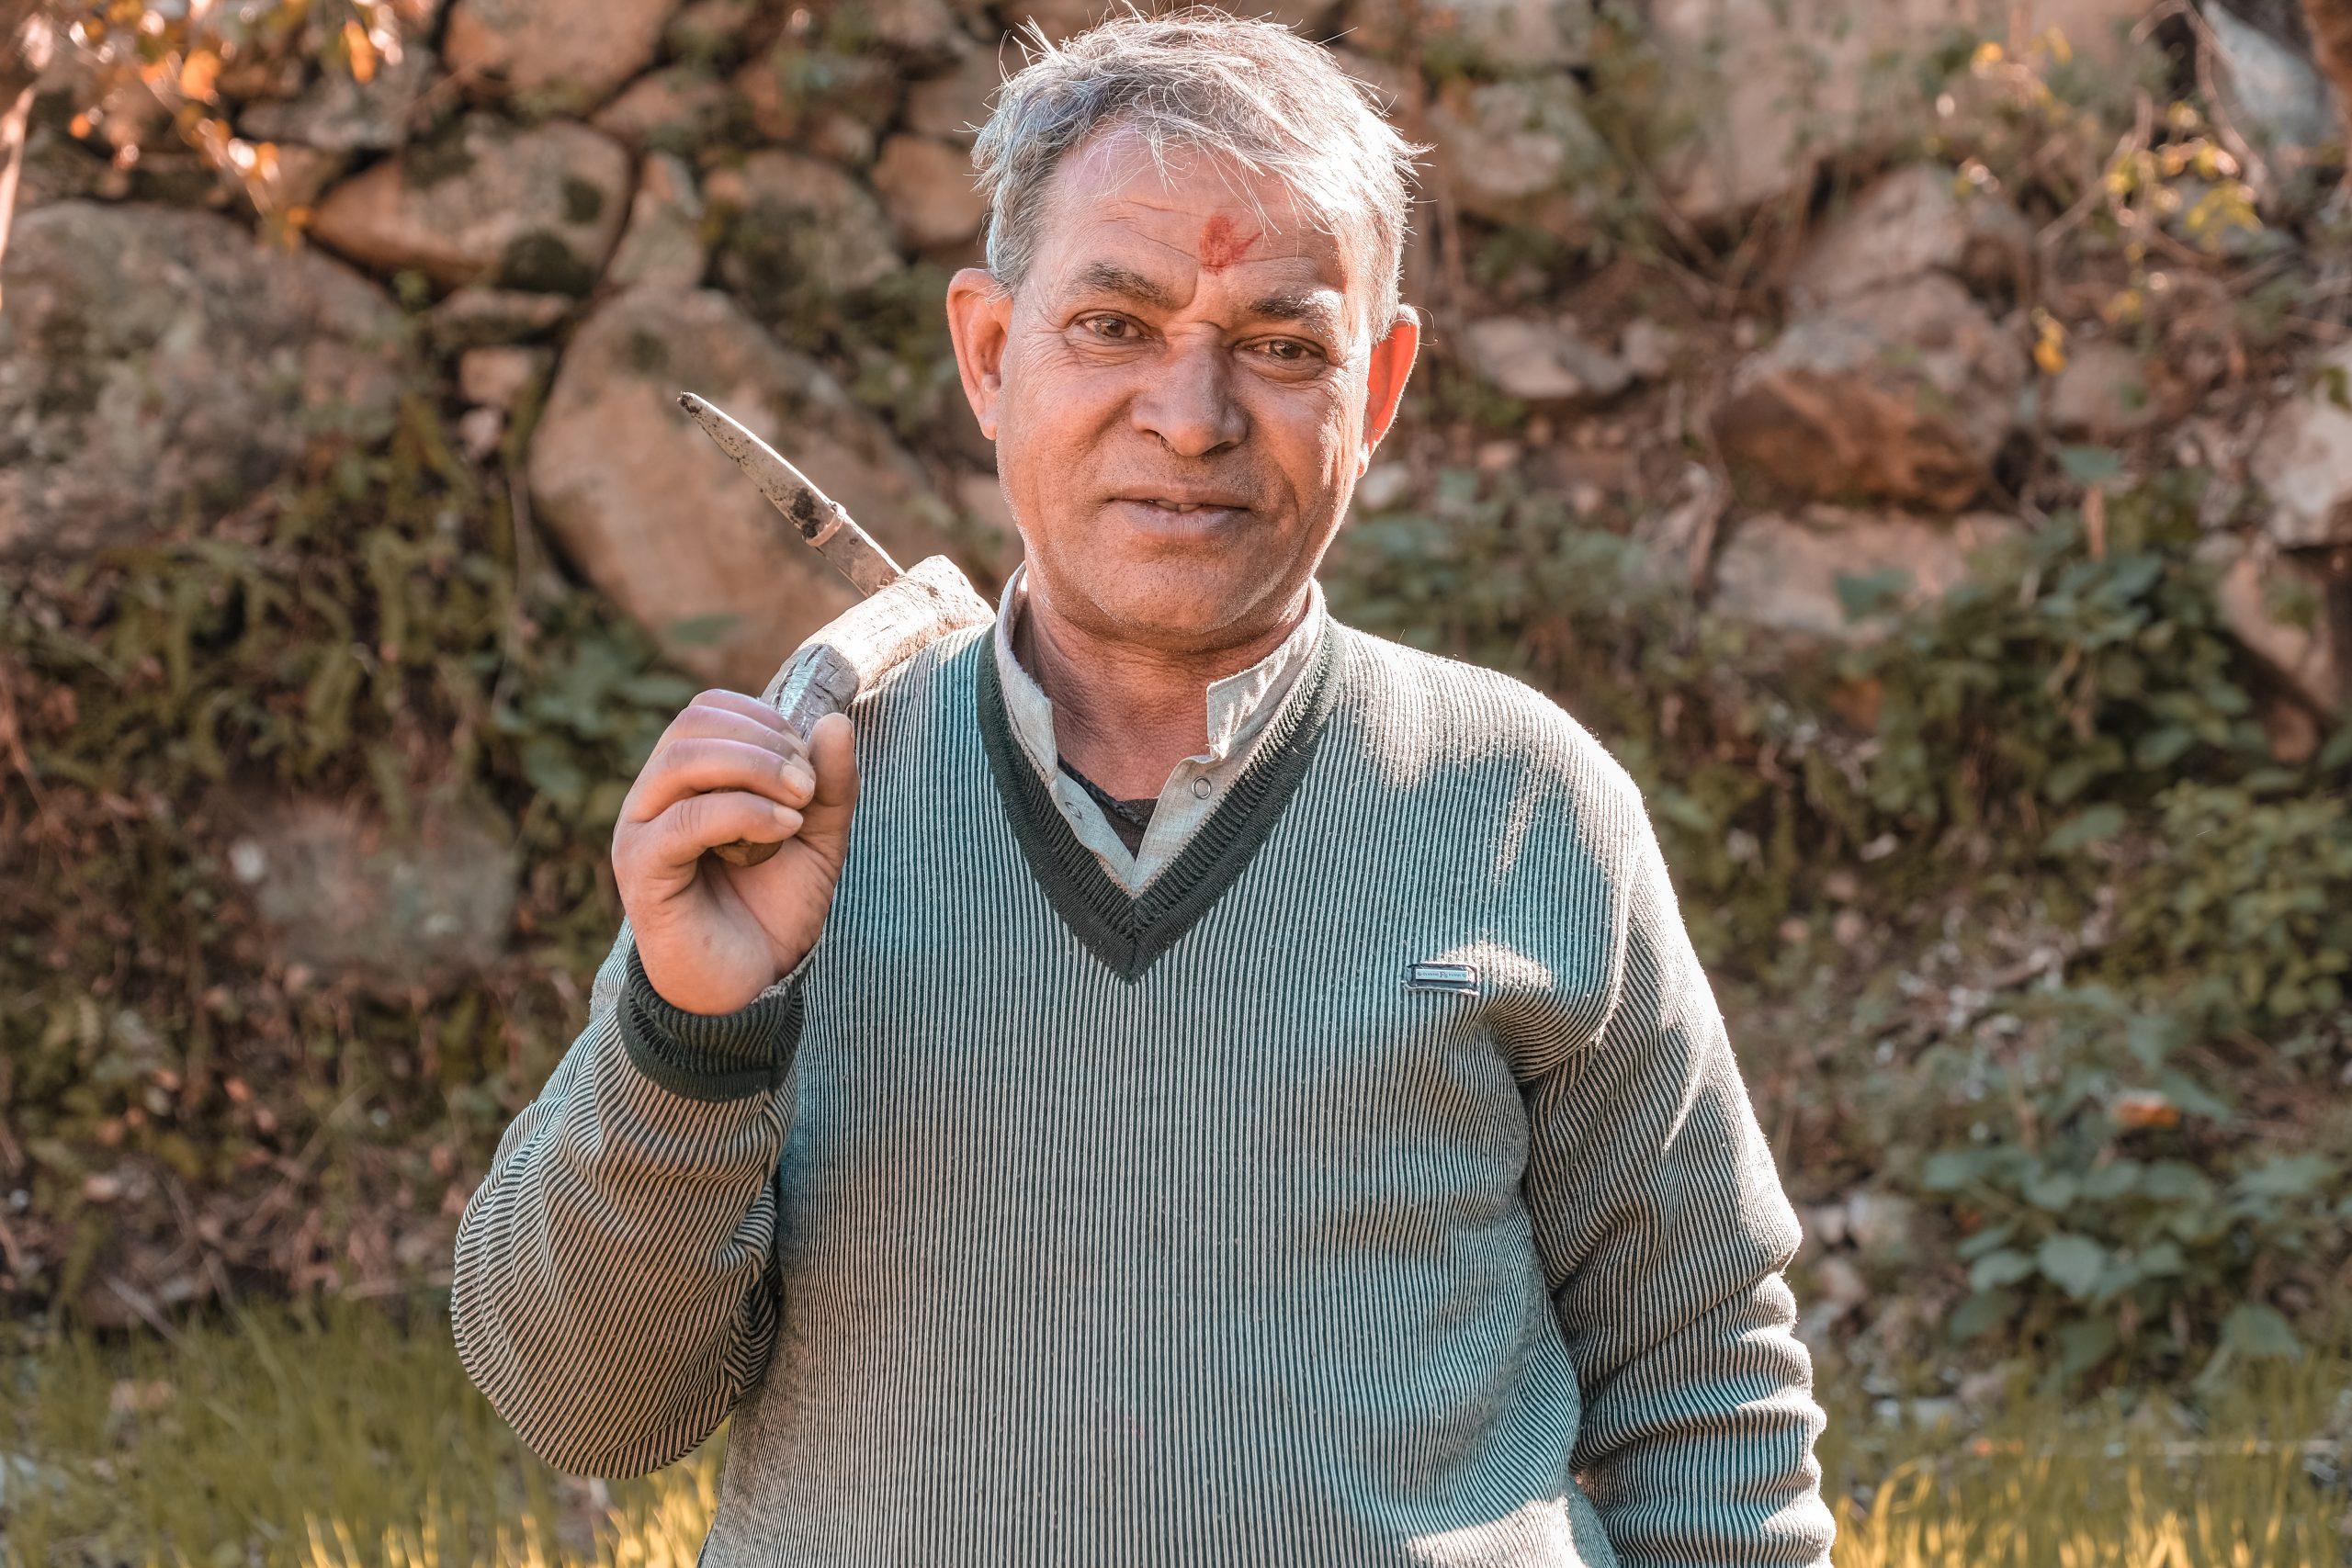 A farmer with a tool